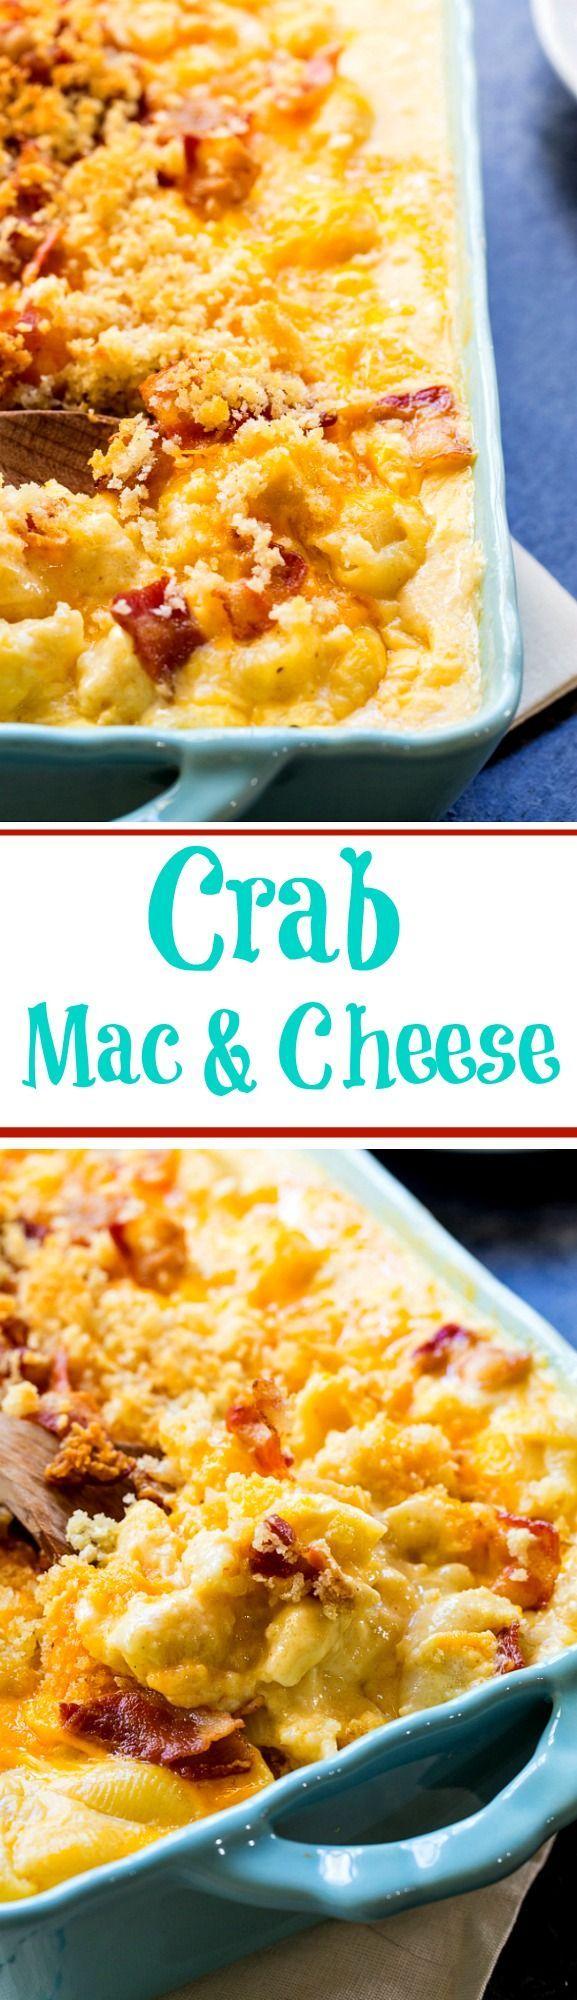 Crab Mac and Cheese | Recipe | Macs, Cheese and Pasta